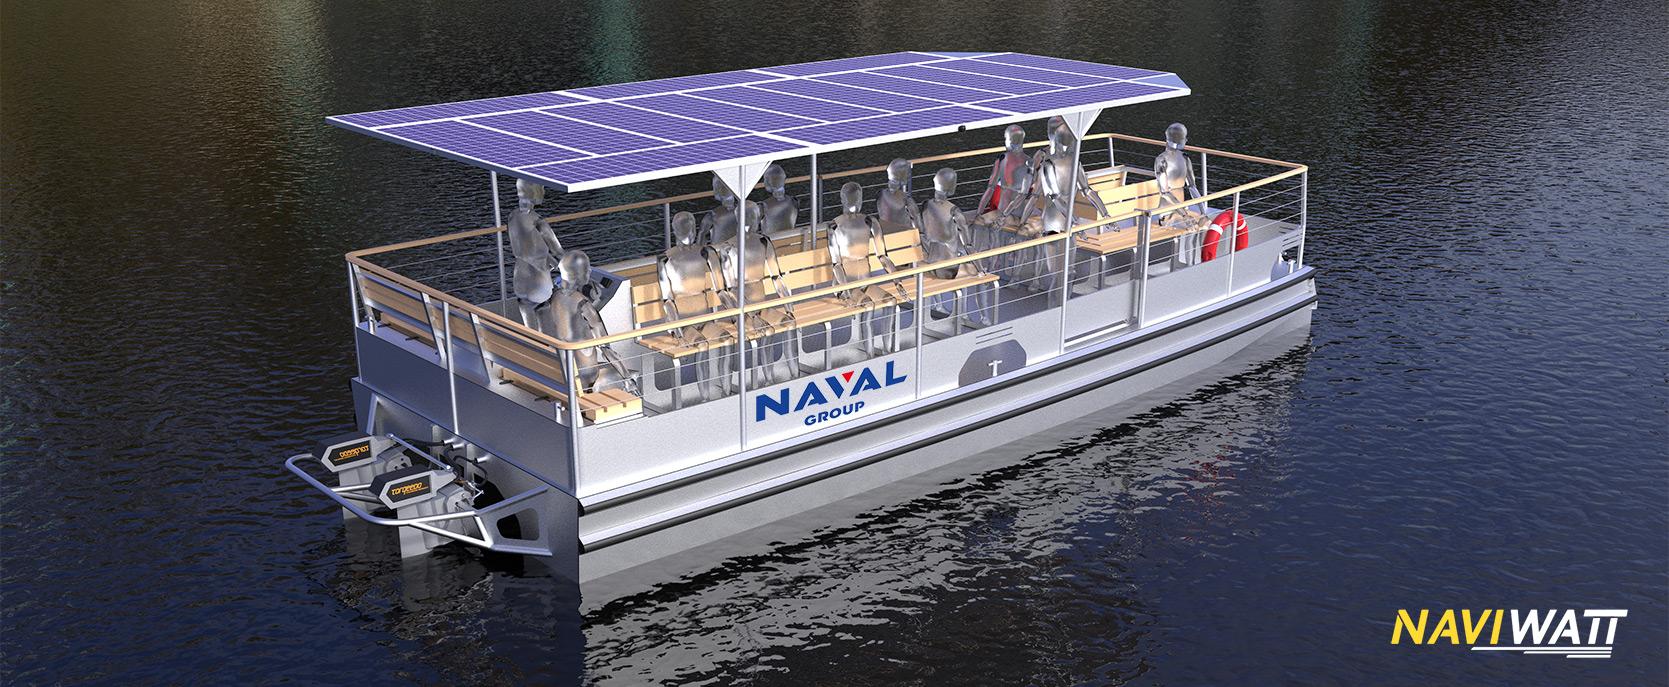 Naval Group commande un catamaran électro-solaire à Naviwatt